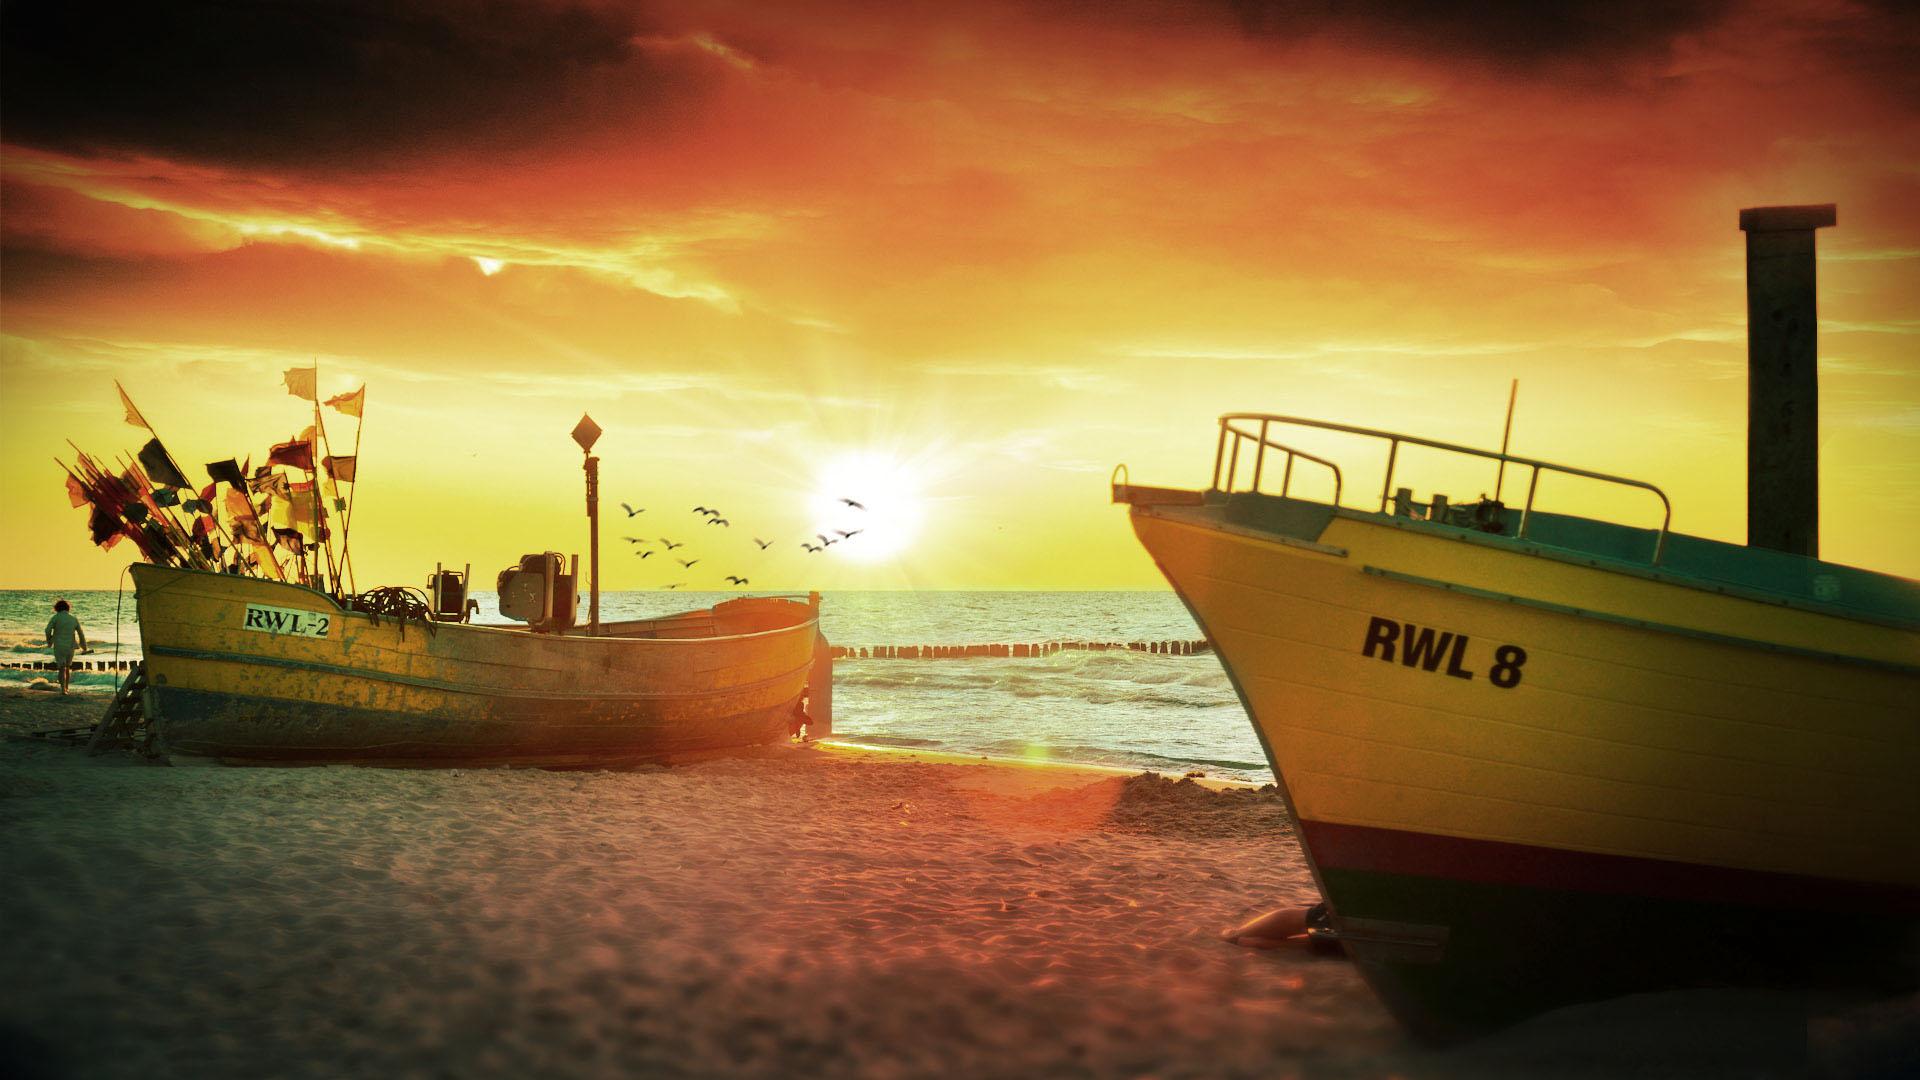 Spektakularny zachód słońca. Kutry rybackie na plaży, w tle latające mewy.